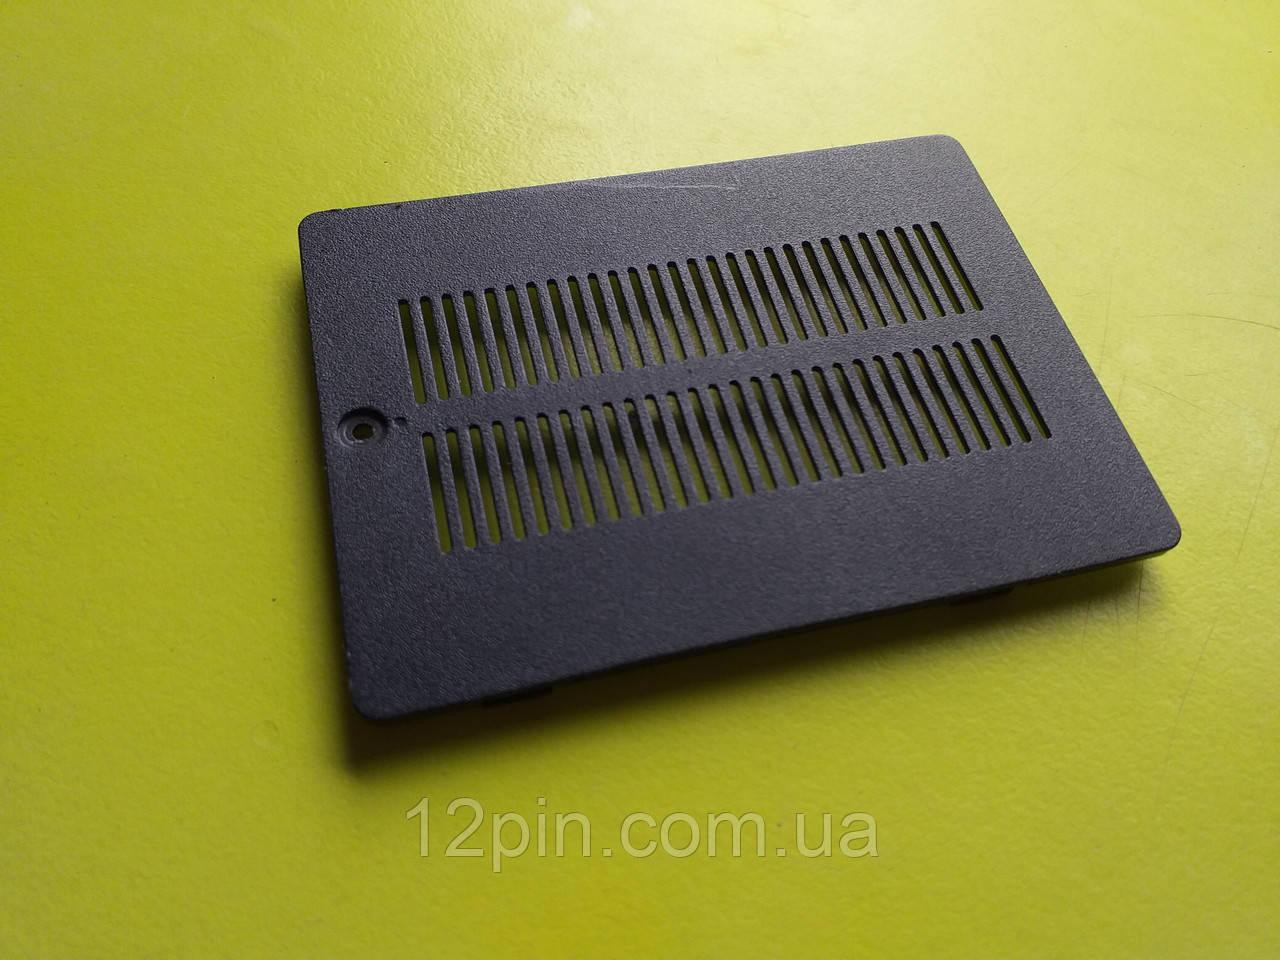 Сервисная крышка  Sony Vaio PCG-61611L, б.у. оригинал.